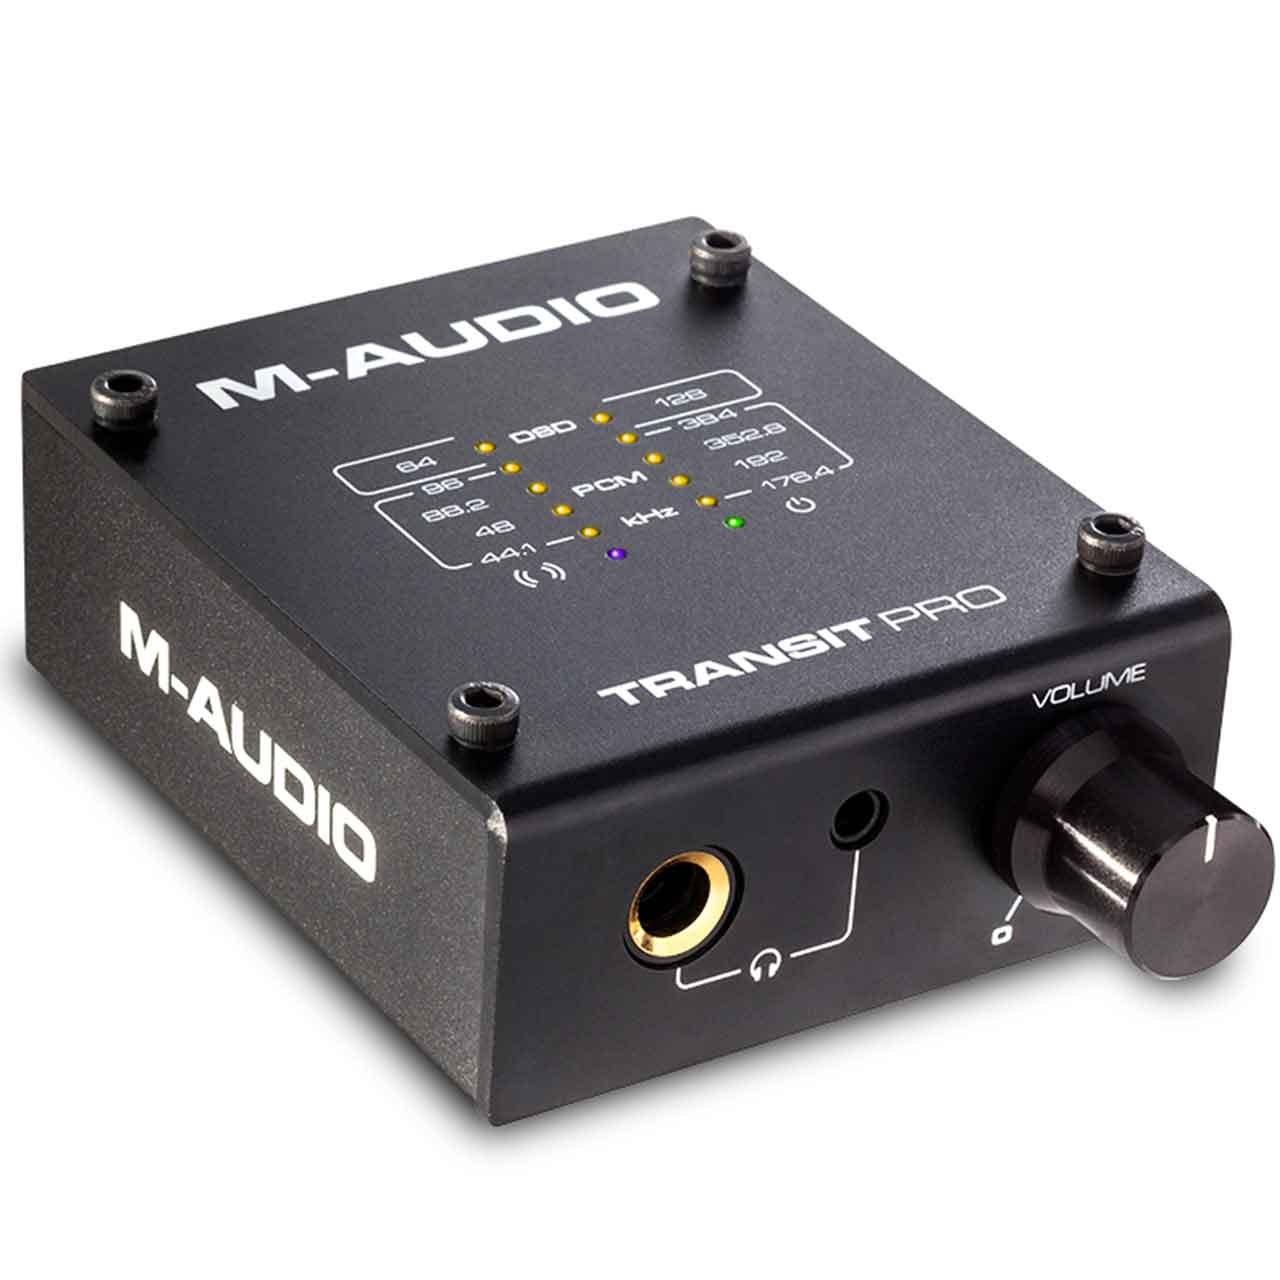 کارت صدا و تقویت کننده هدفون ام-آدیو مدل Transit Pro